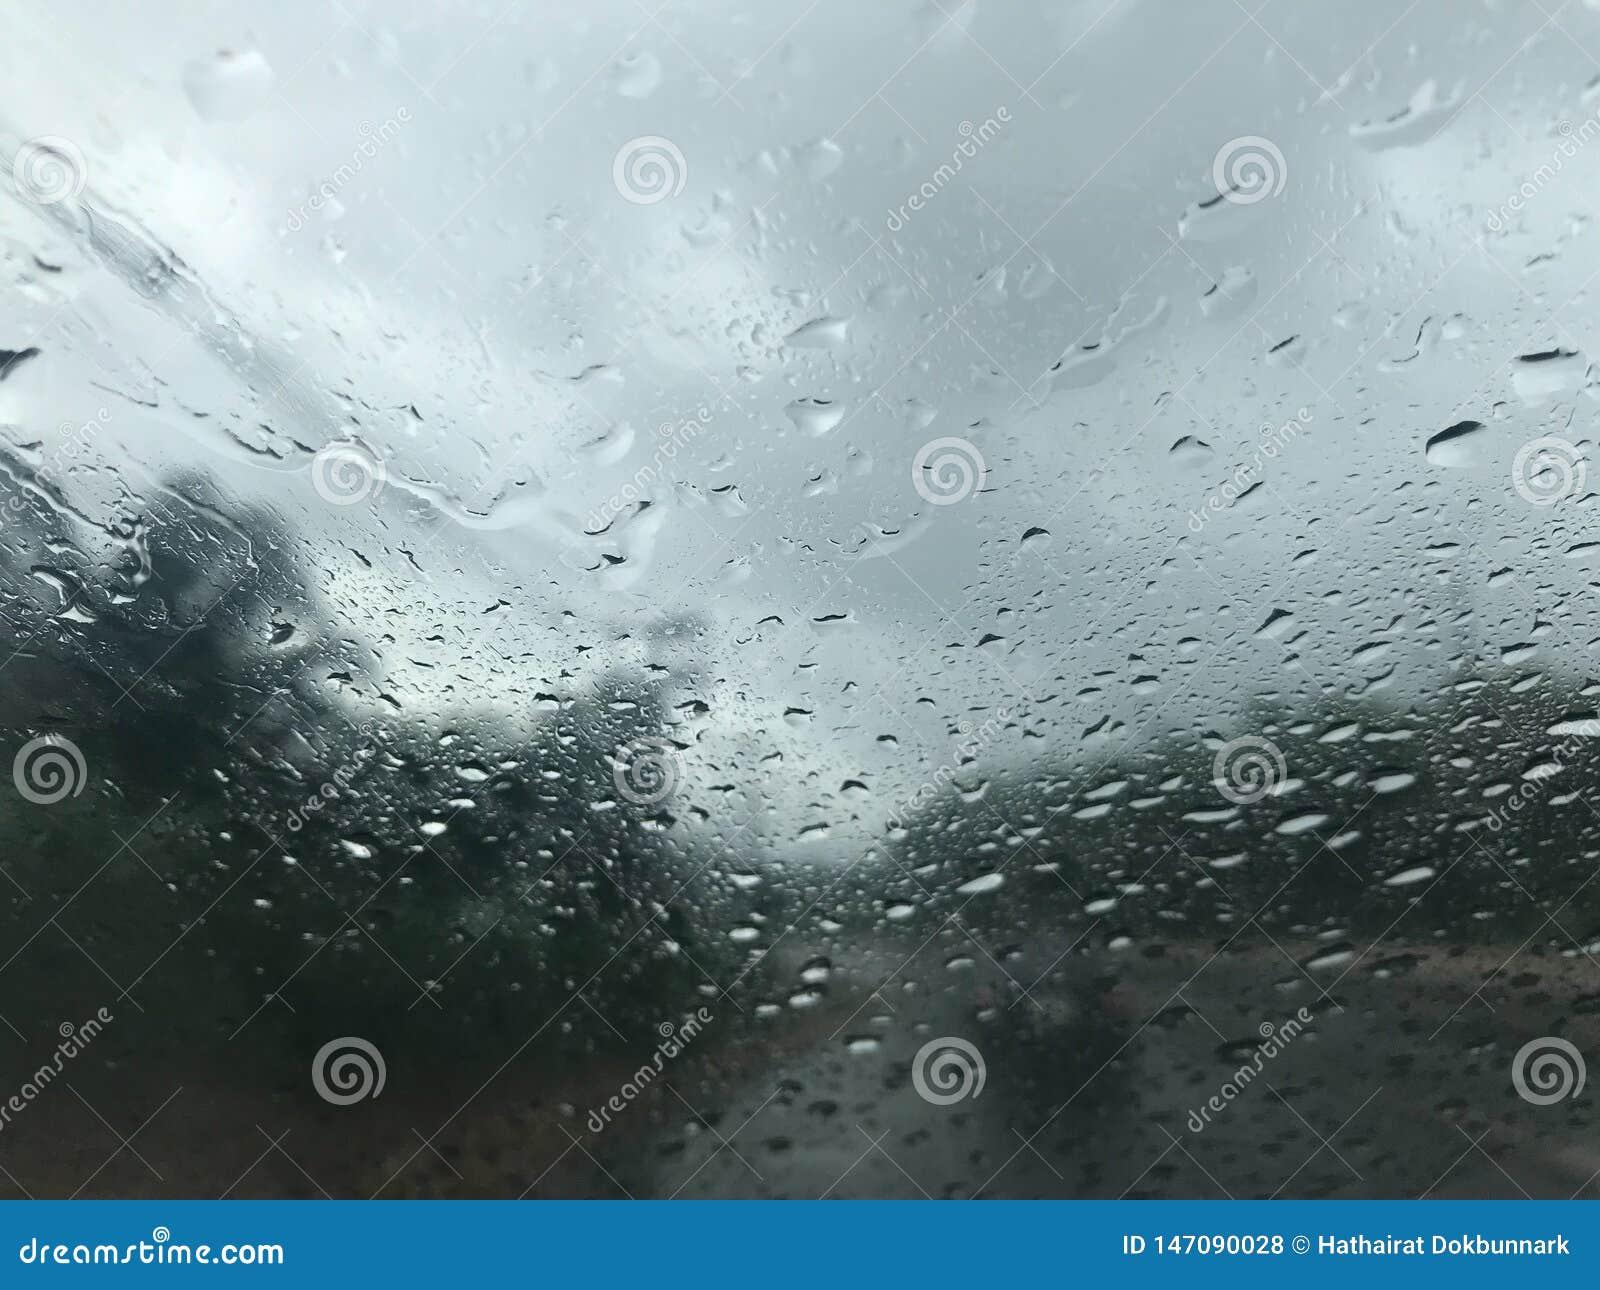 Regen drohardly, zum eines Autos in der Front zu sehen und Bäume entlang der Straße